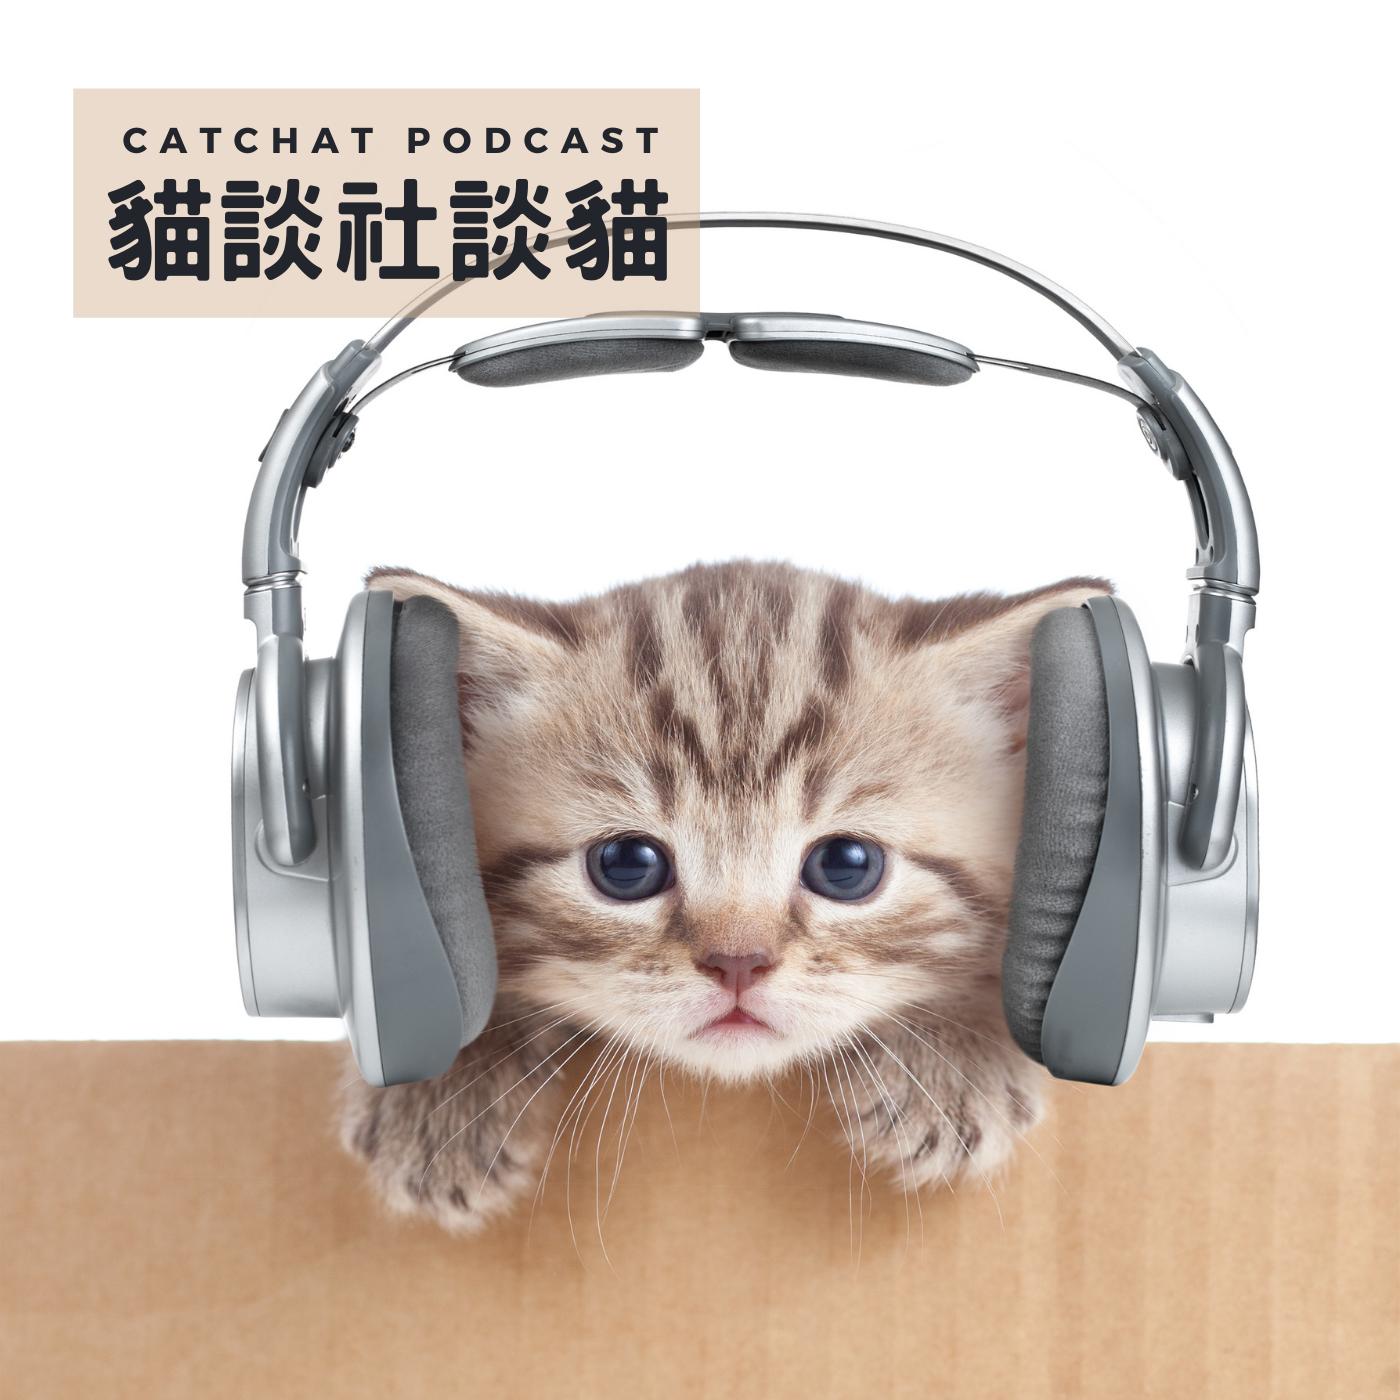 EP02! 貓咪走失了該怎麼辦呢?